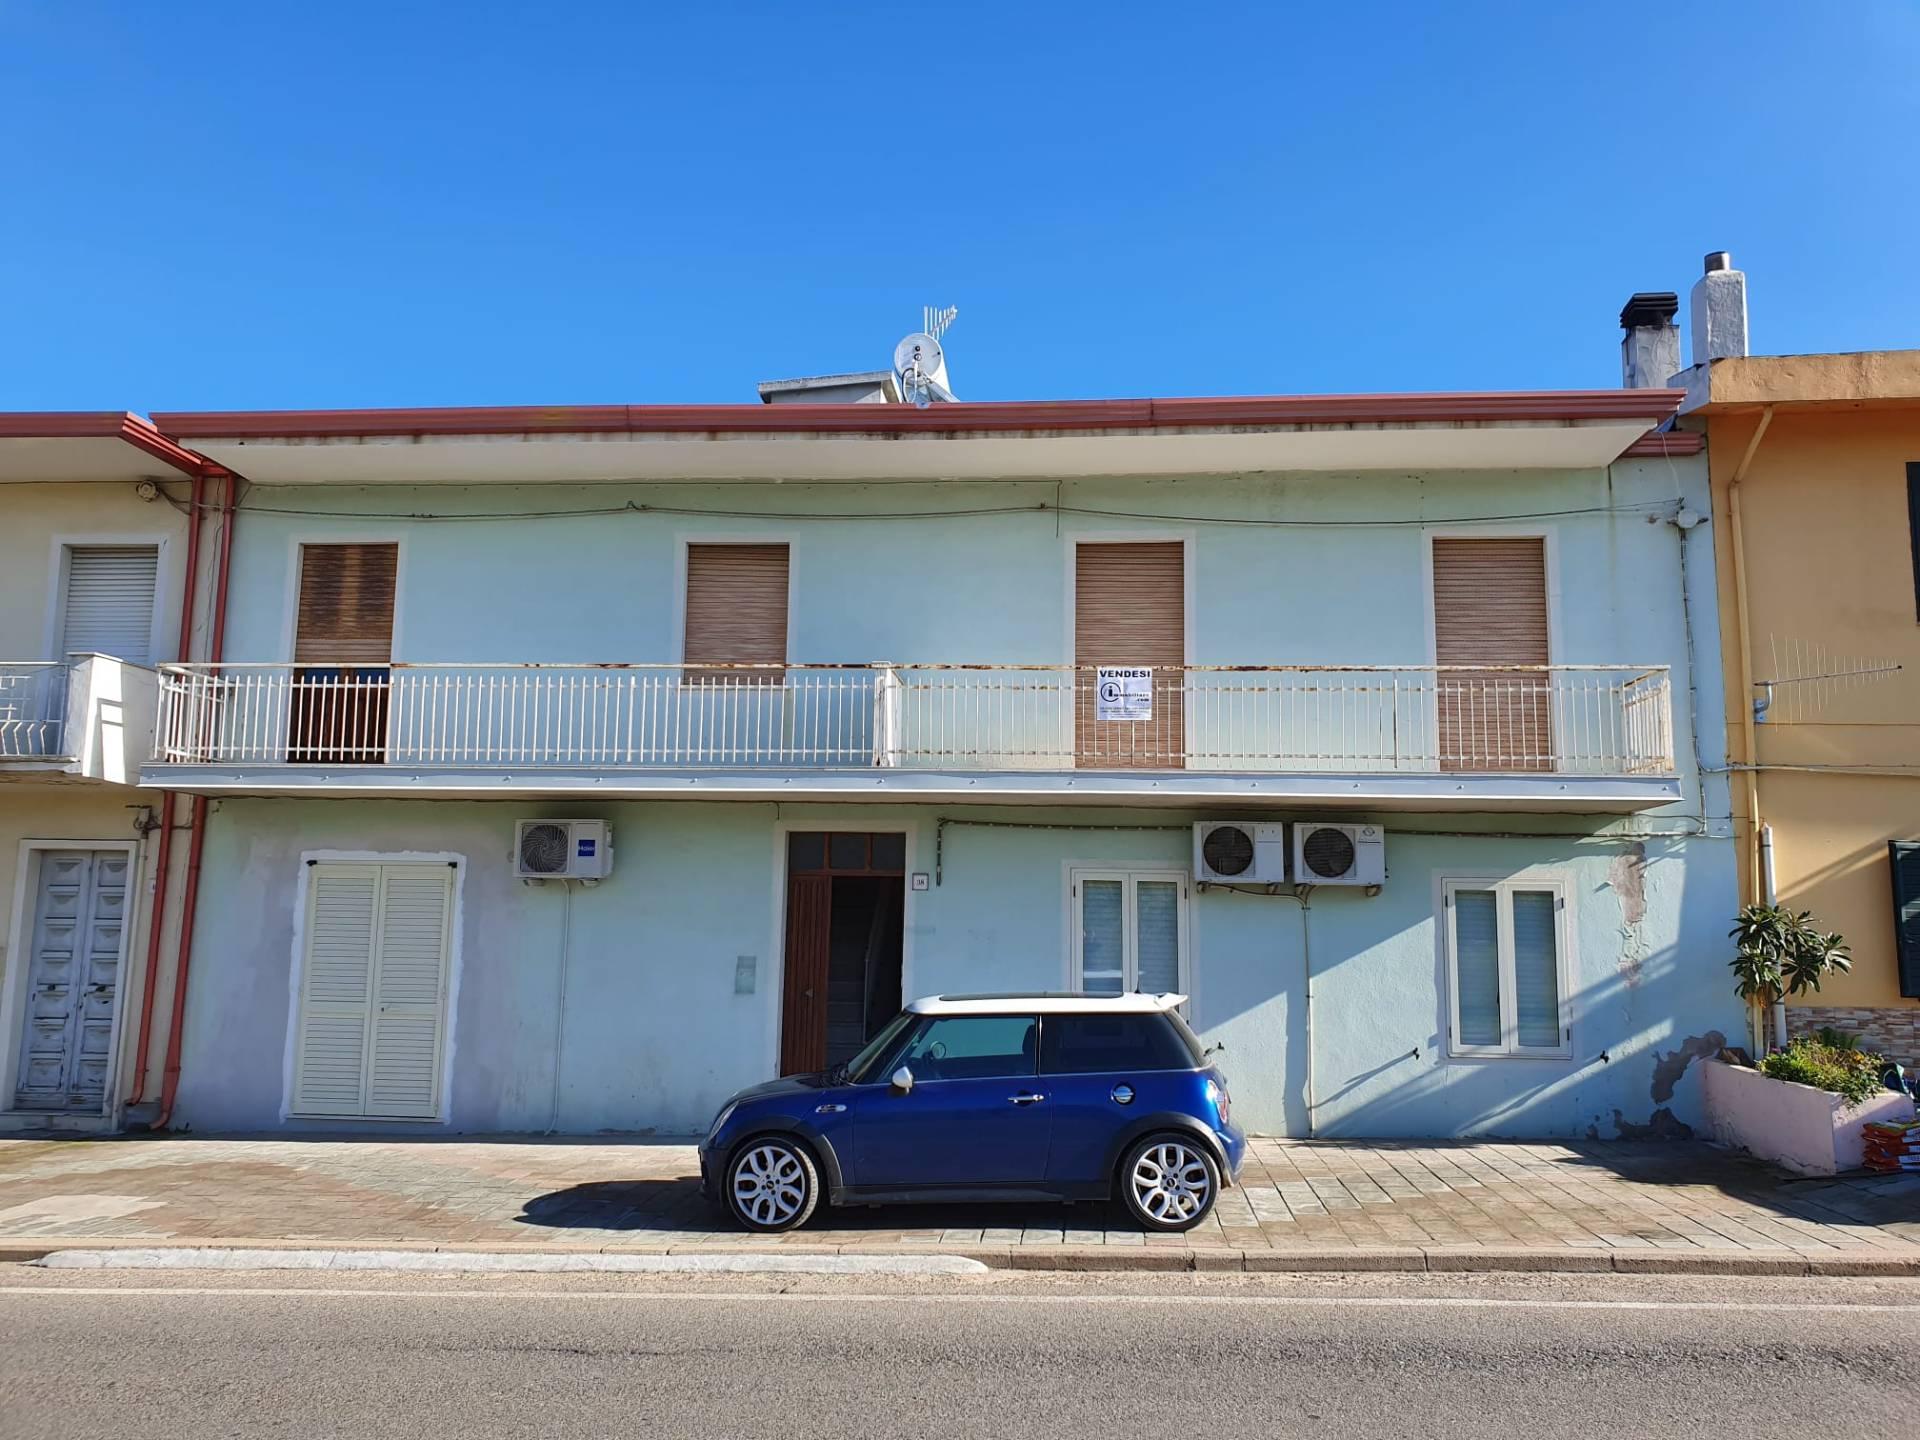 Appartamento in vendita a Tortolì, 2 locali, prezzo € 65.000 | PortaleAgenzieImmobiliari.it